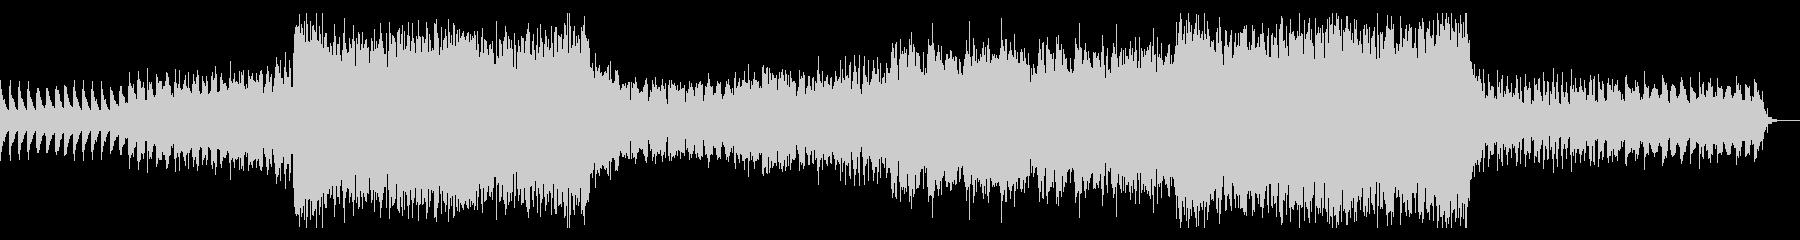 ラスボス戦闘時の荘厳で壮大な曲(+鐘音)の未再生の波形